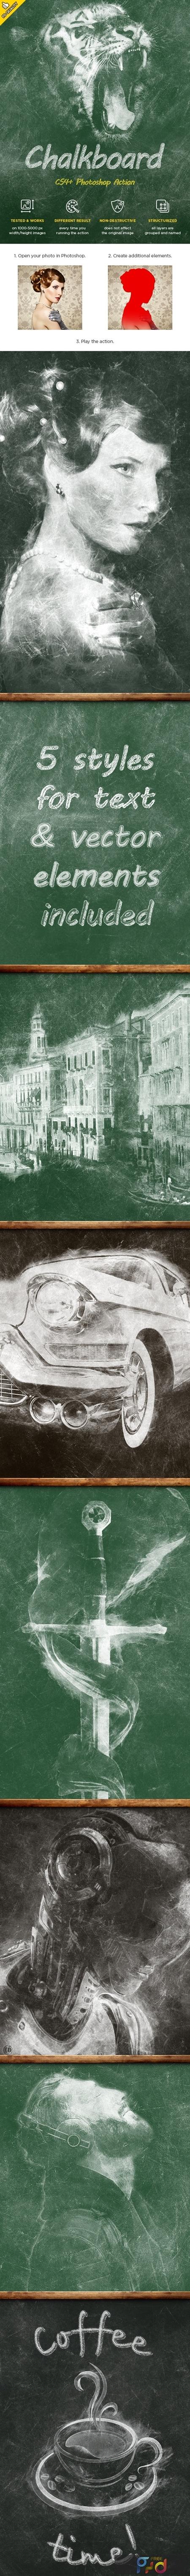 Chalkboard CS4+ Photoshop Action 22530831 1